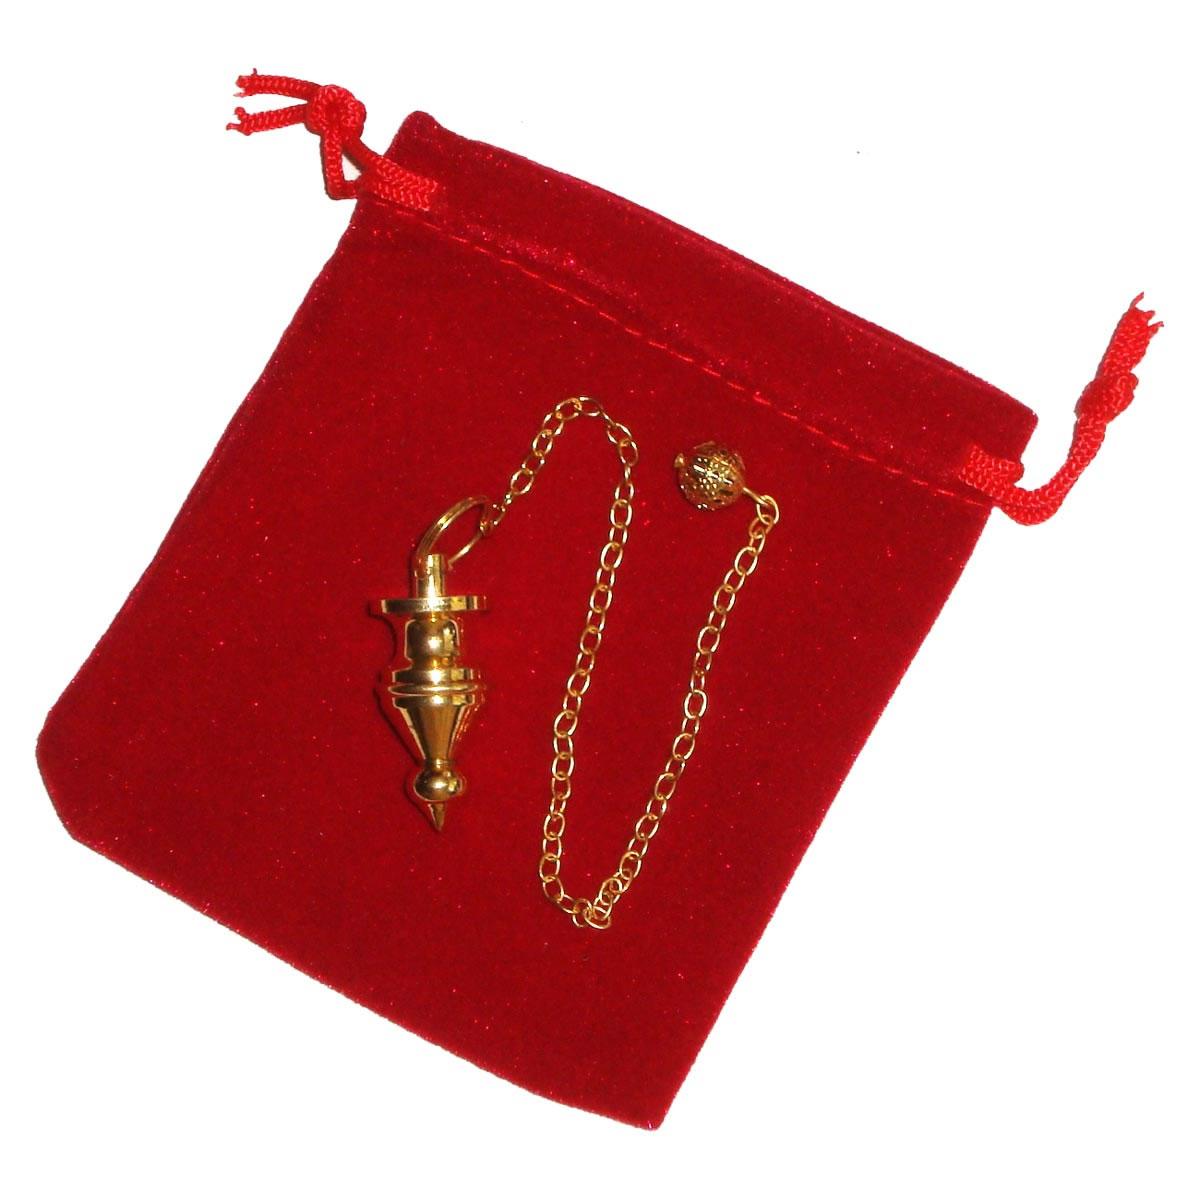 Pendulum - GOLD